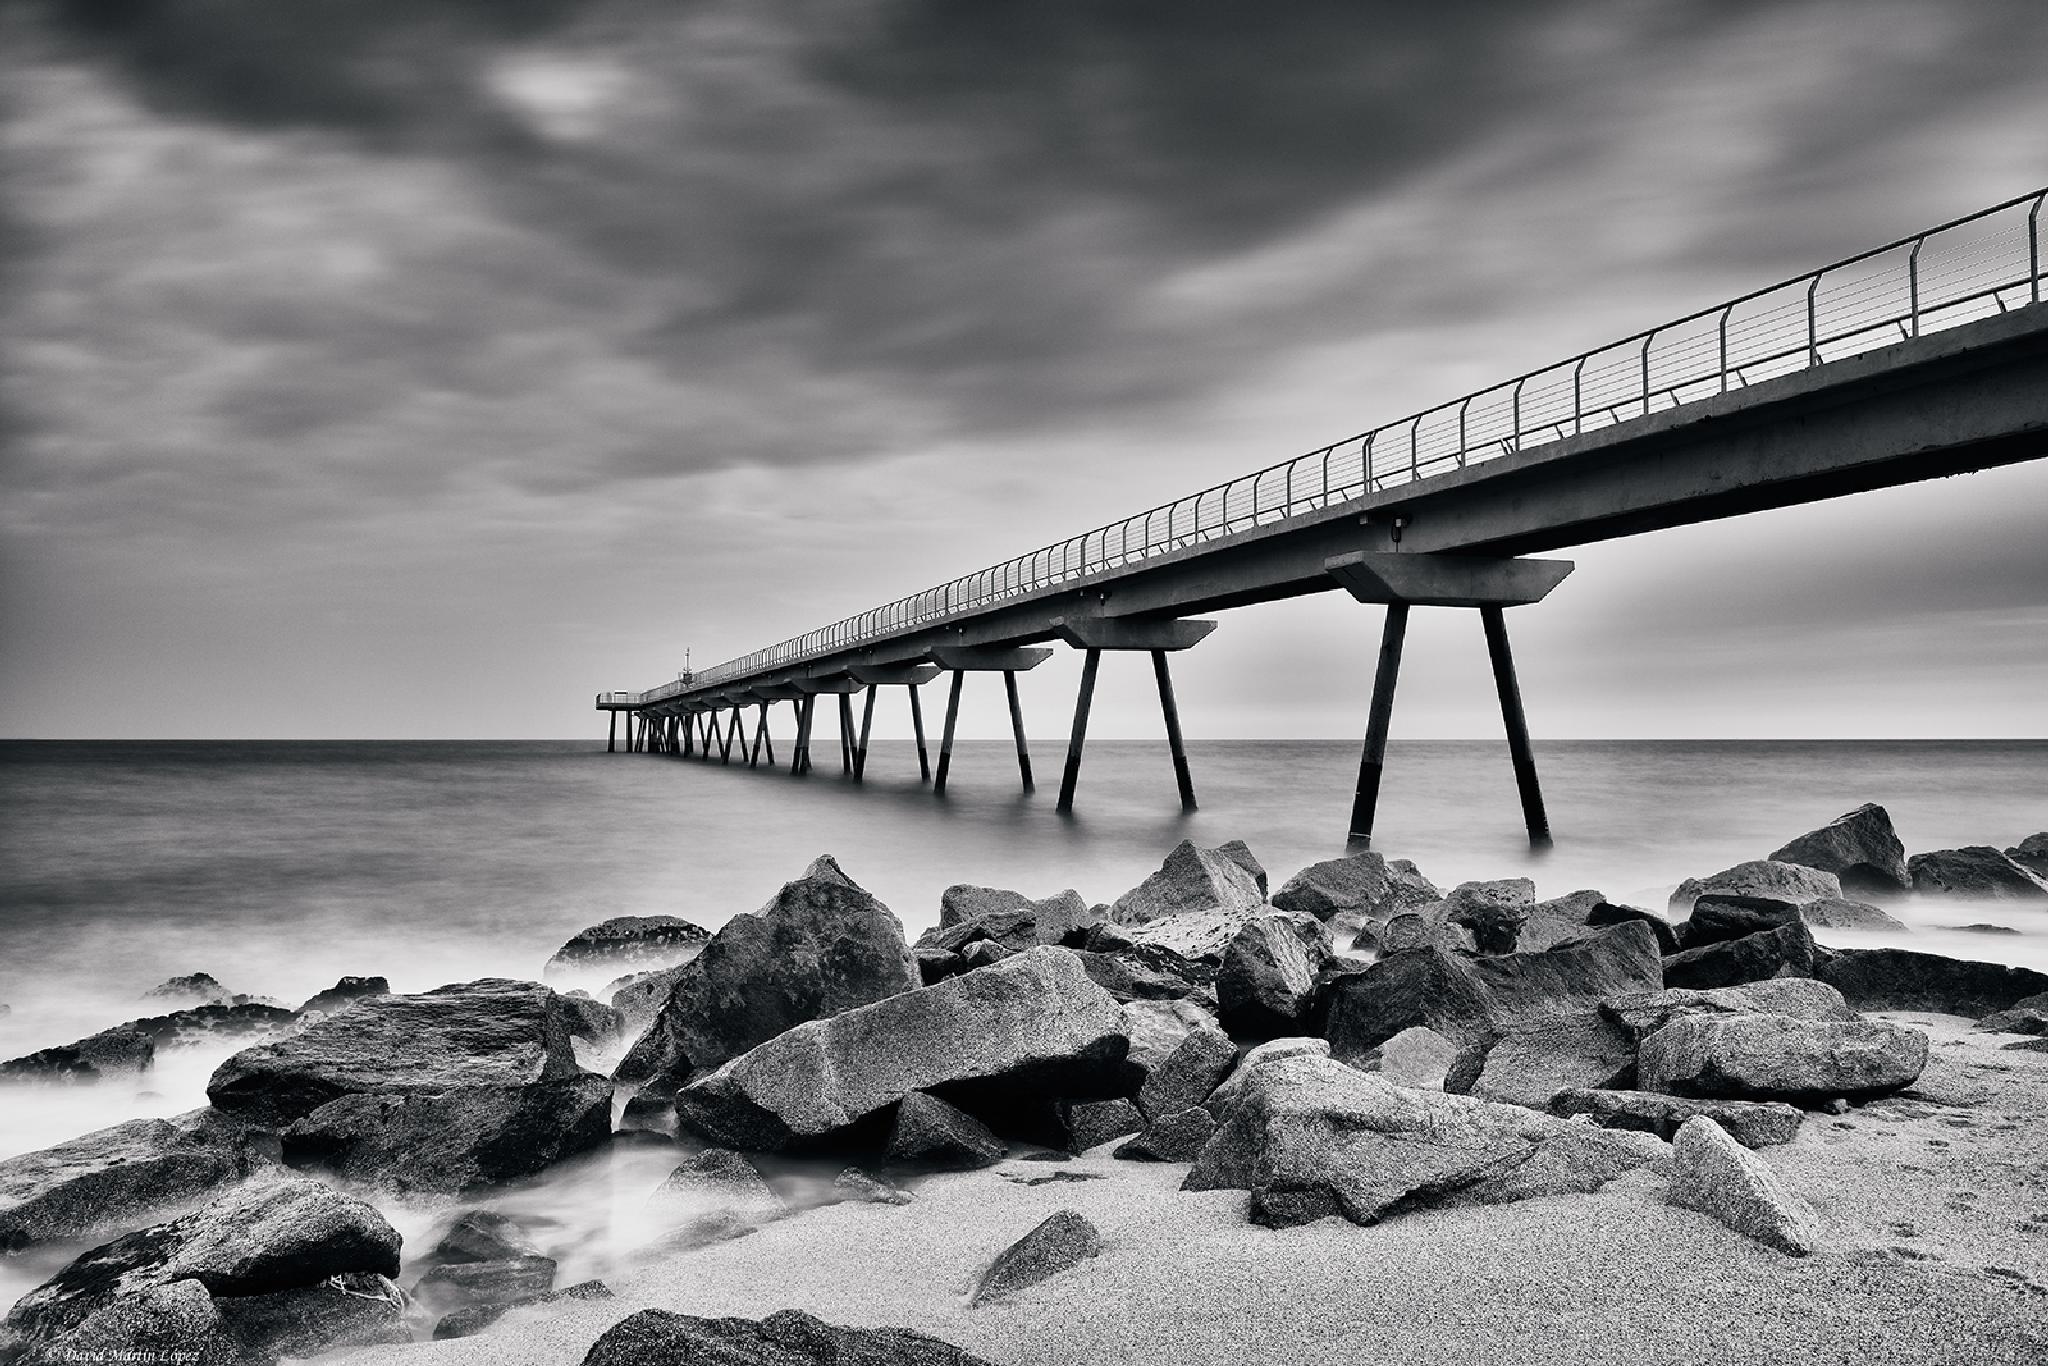 Gas bridge by davidmartinlopez